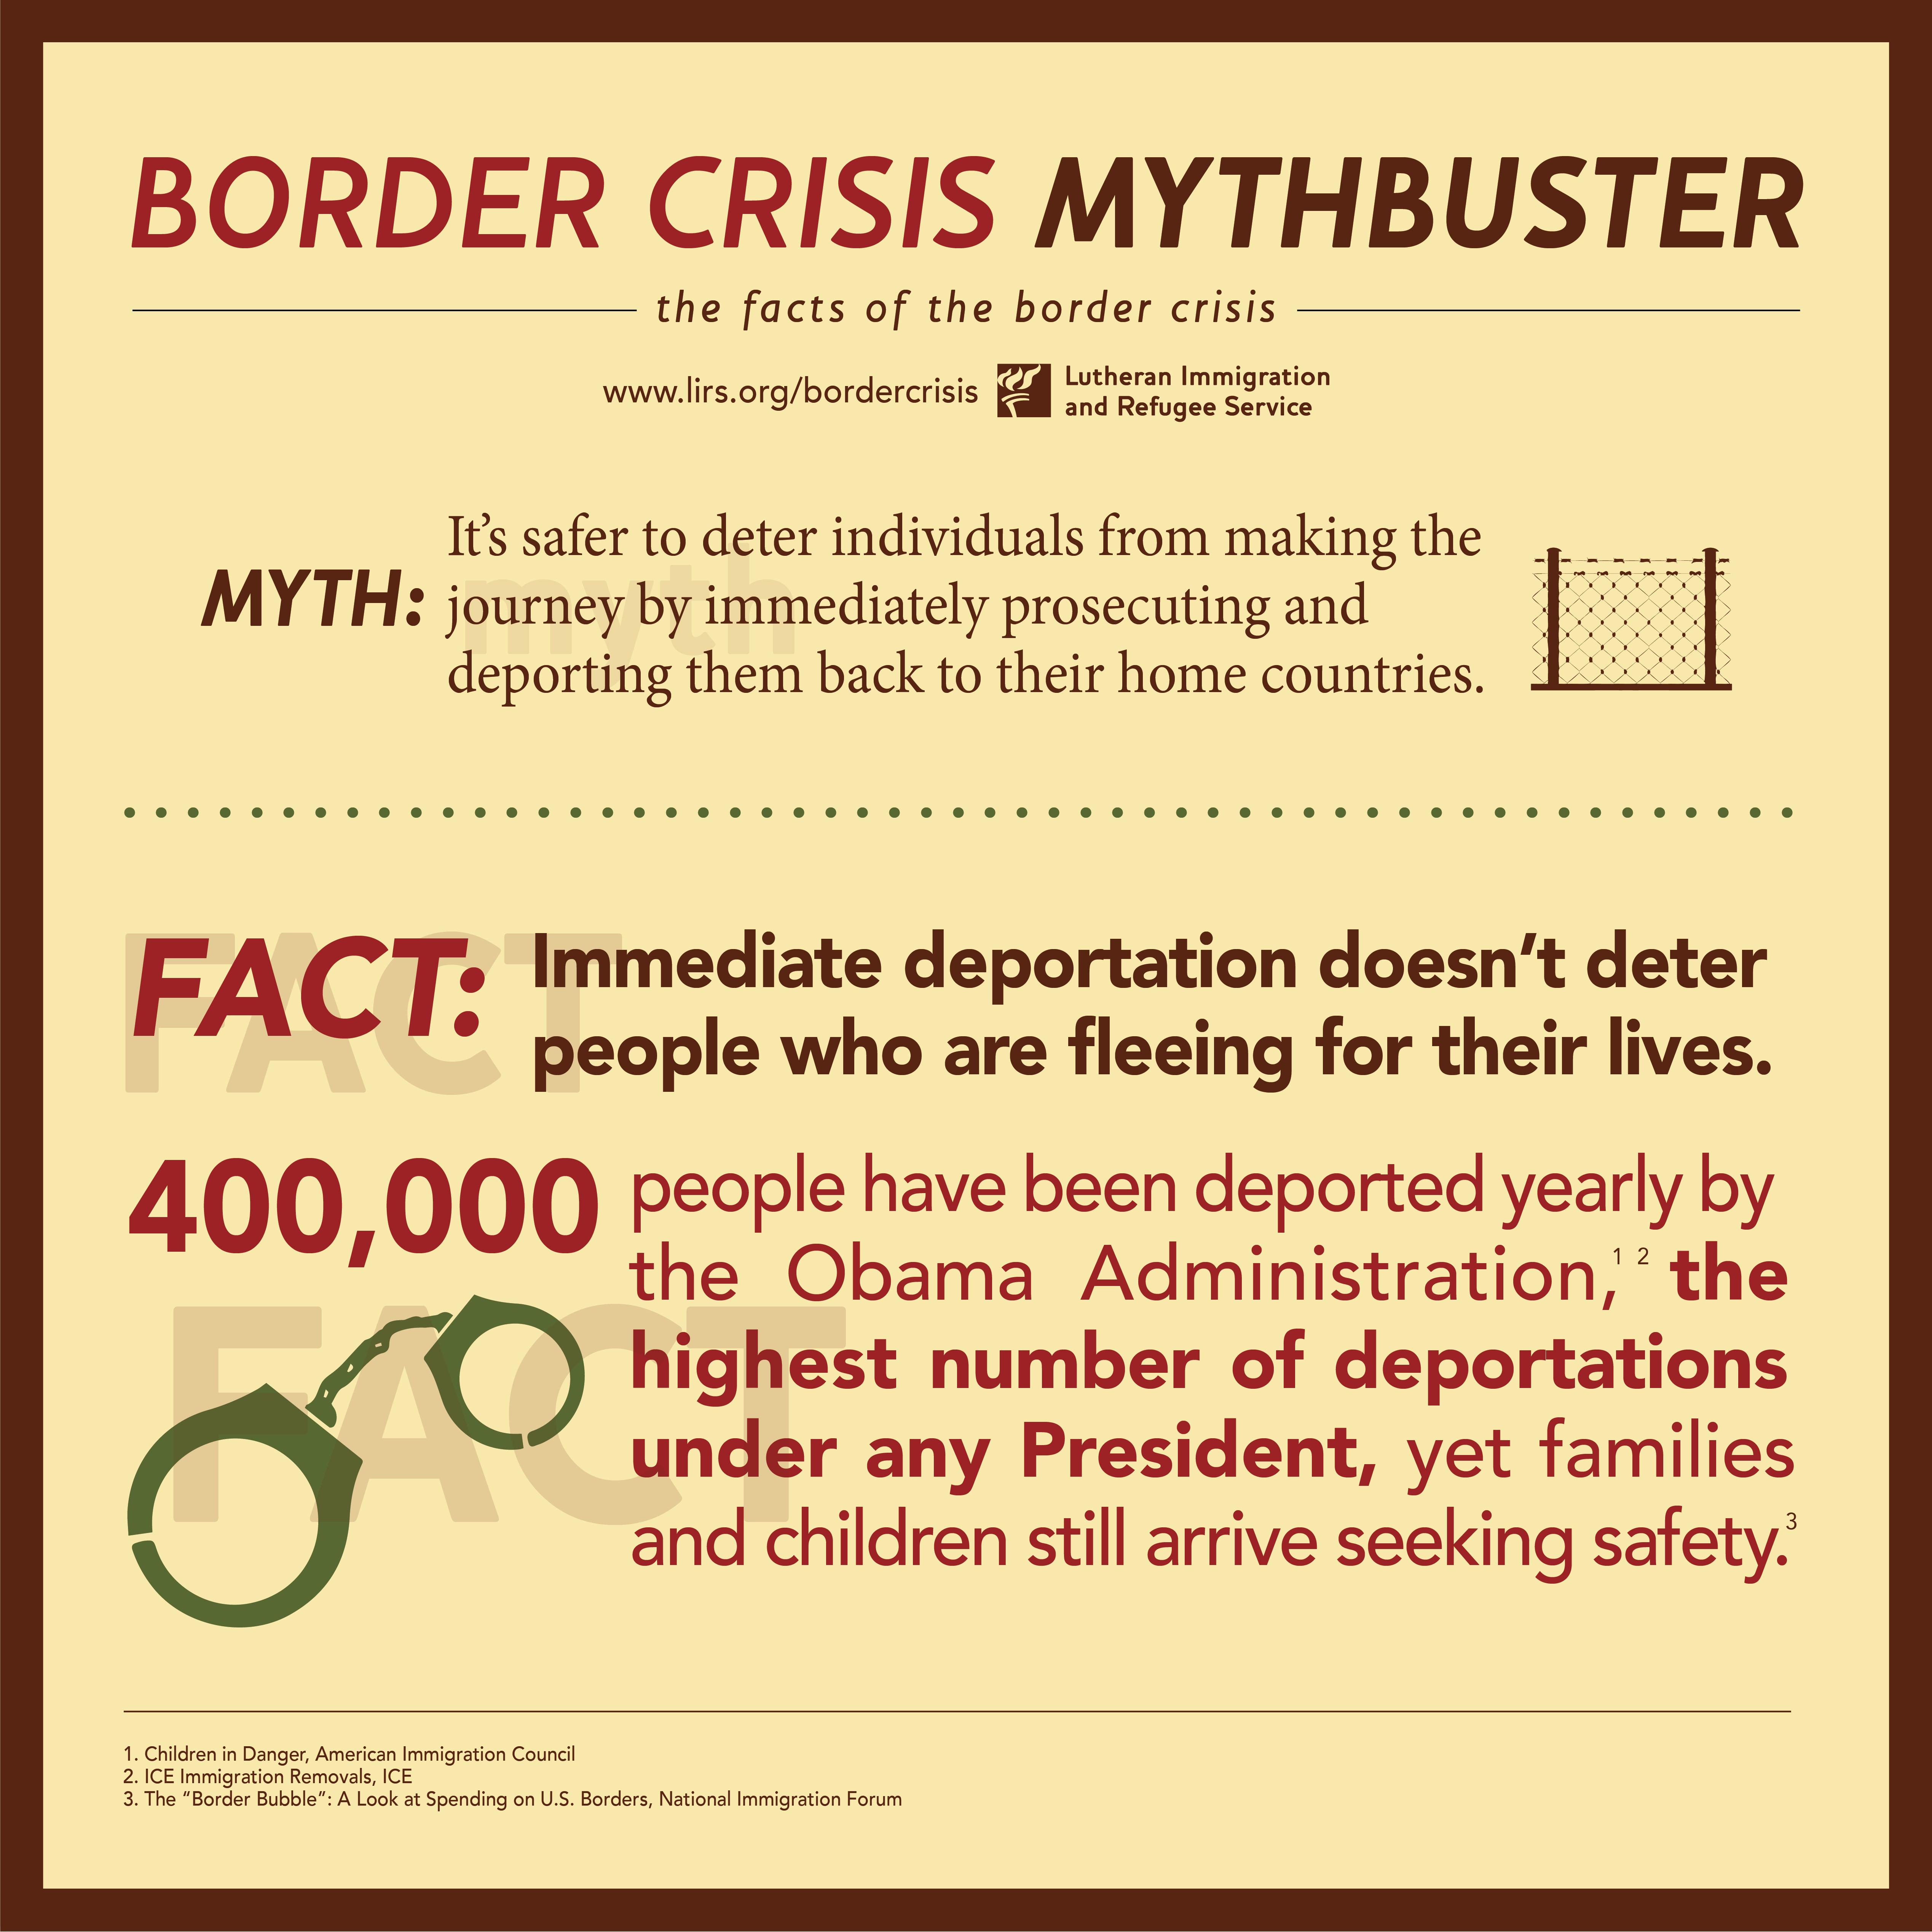 Mythbuster_border_crisis_1200x1200-04